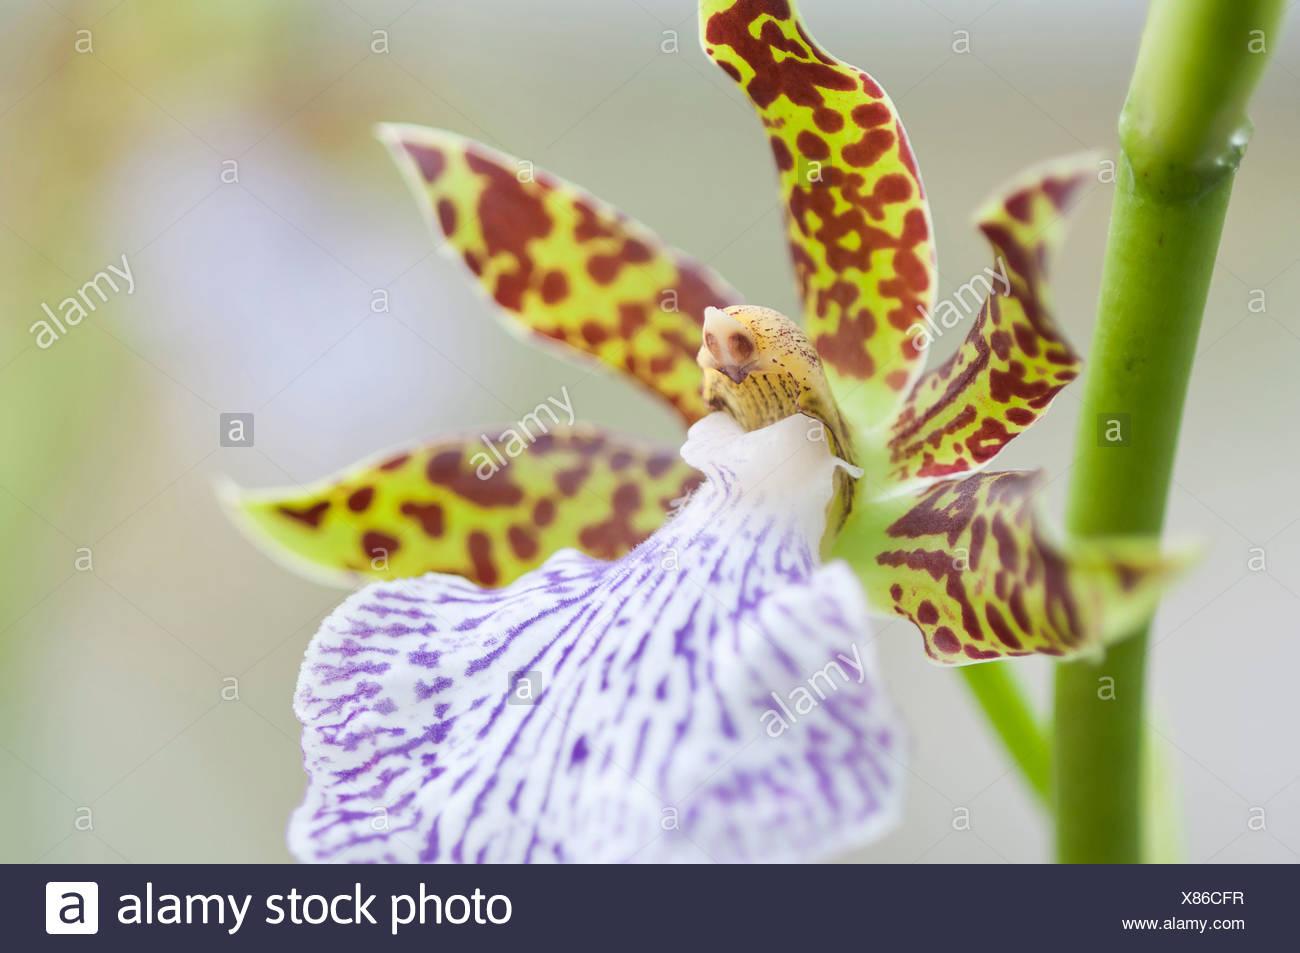 5364a7822 Flor de  azul celeste  Zygopetalum orquídea con llamativos estampados  moteados pétalos y los labios en colores contrastantes de rojo y verde